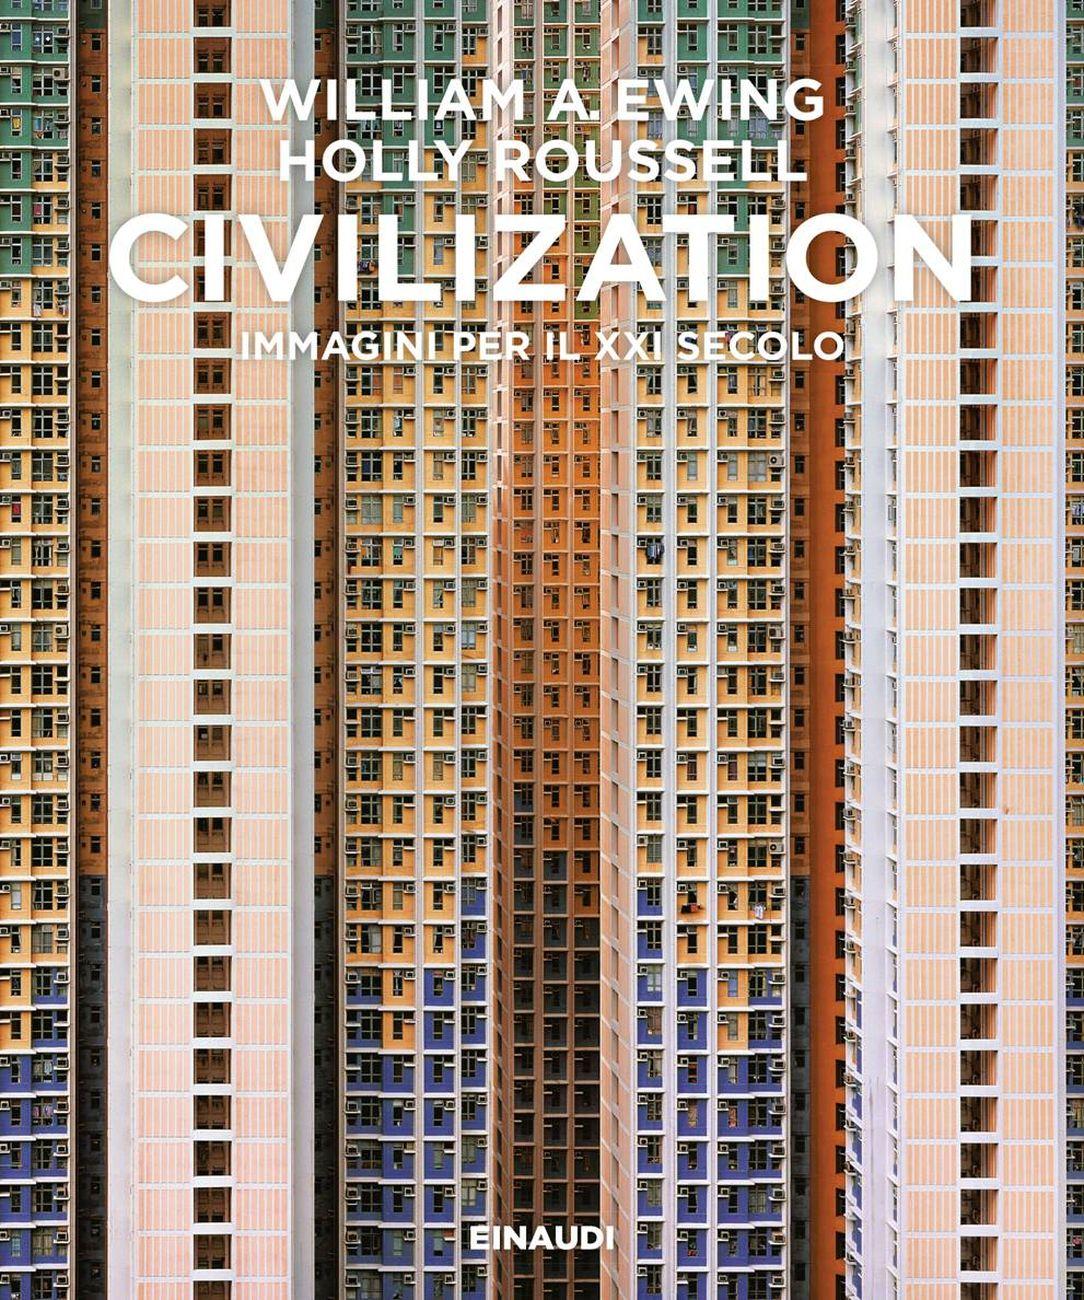 William A. Ewing & Holly Roussell ‒ Civilization. Immagini per il XXI secolo (Einaudi, Torino 2018) _cover